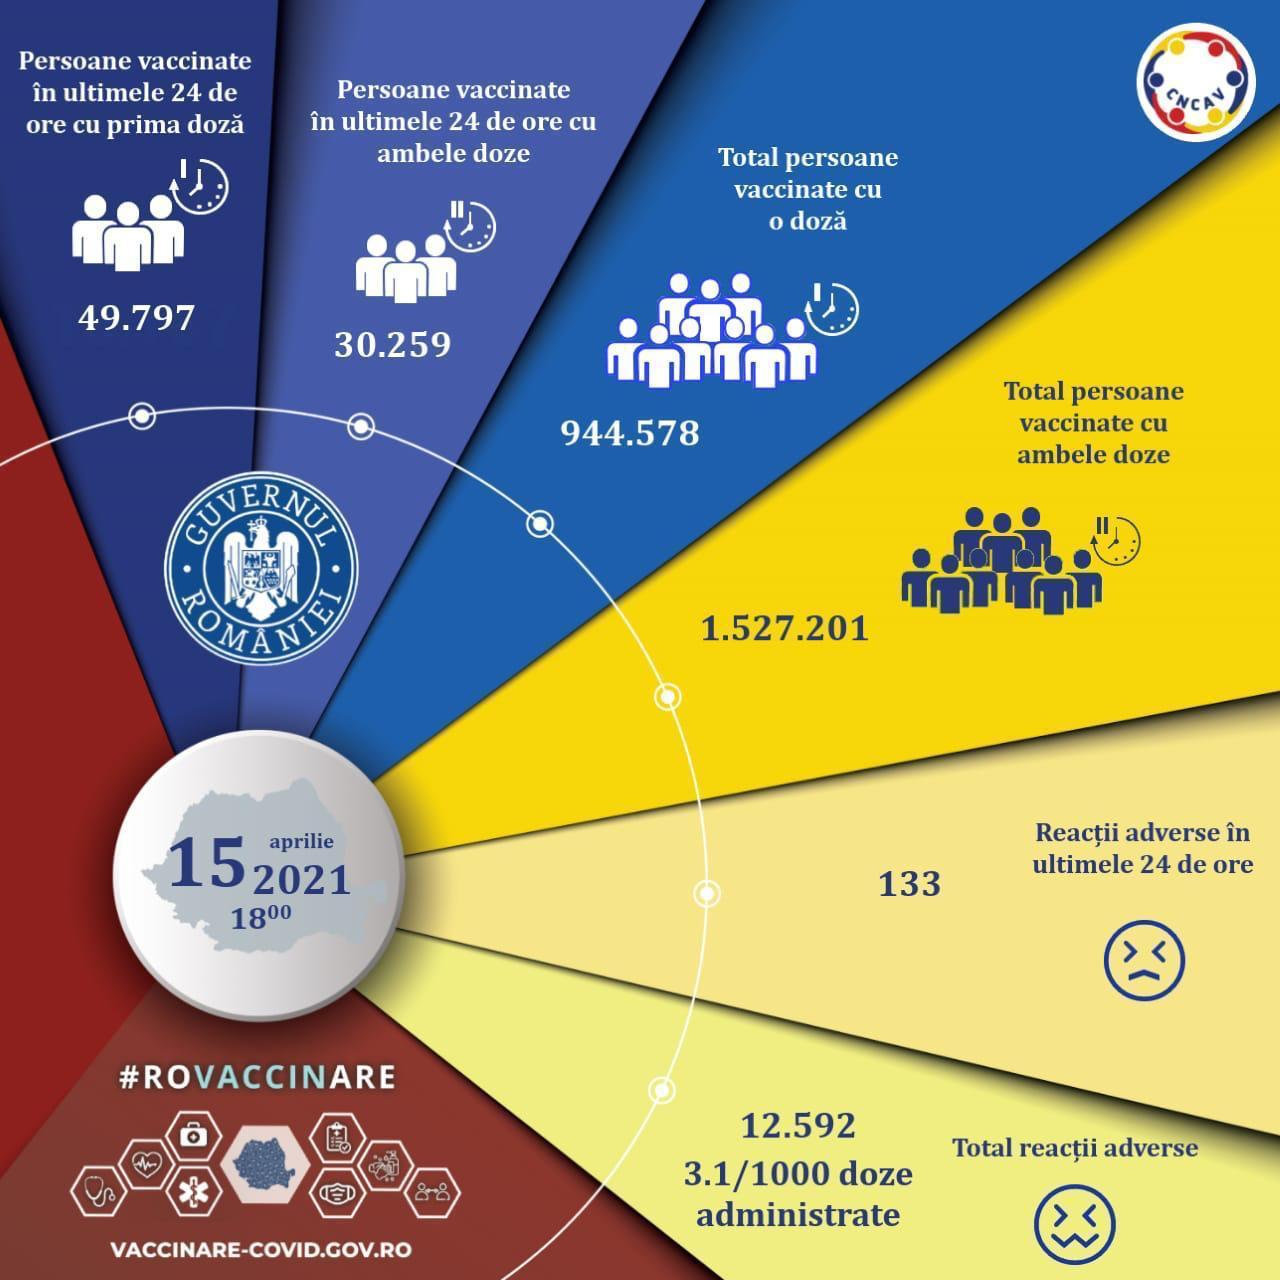 Campania de vaccinare anti-COVID-19: România a depășit pragul de 1,5 milioane de persoane vaccinate cu ambele doze